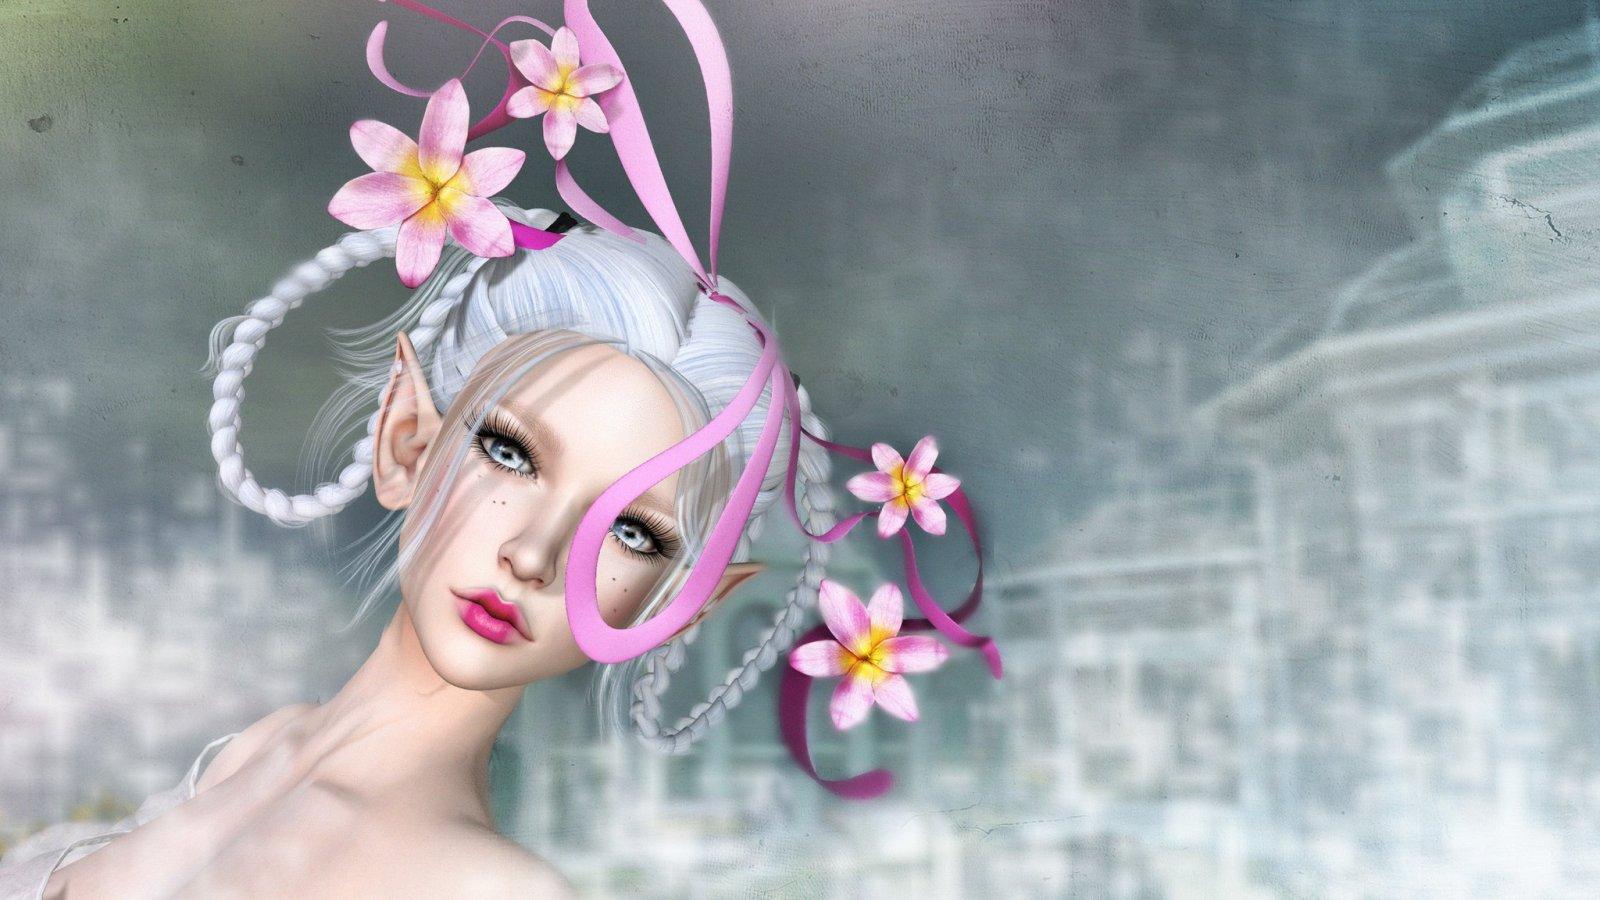 Amy Dollface